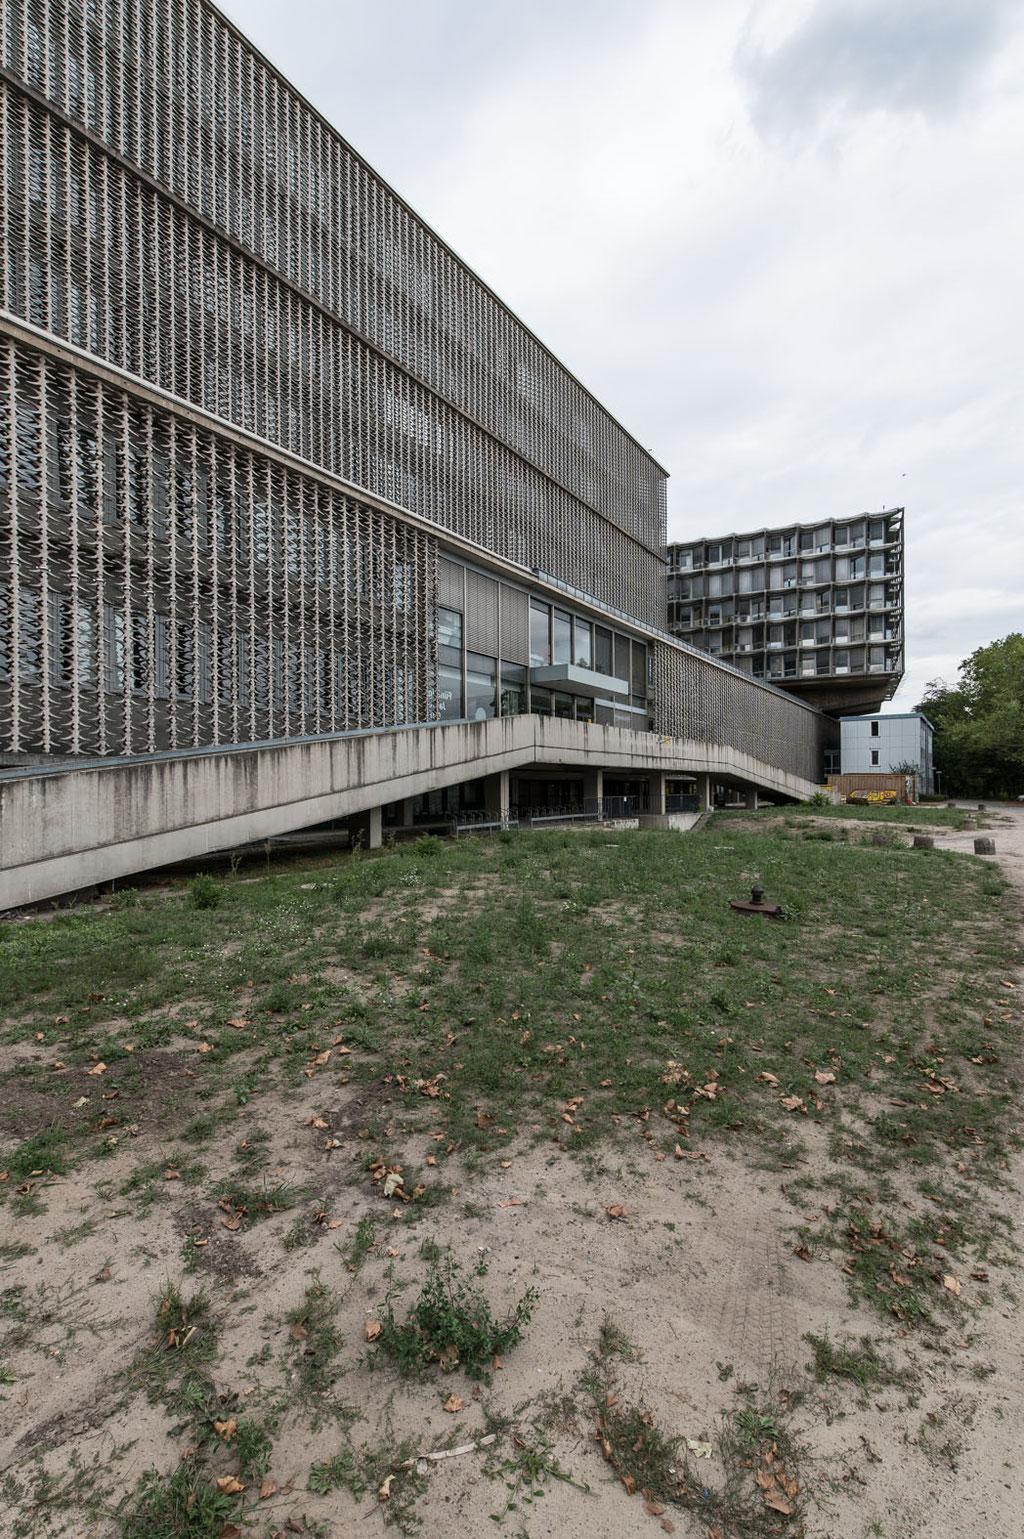 Benjamin Franklin Universitätsklinikum / University Hospital (Curtis & Davis, Franz Mocken), Berlin-Steglitz (D)